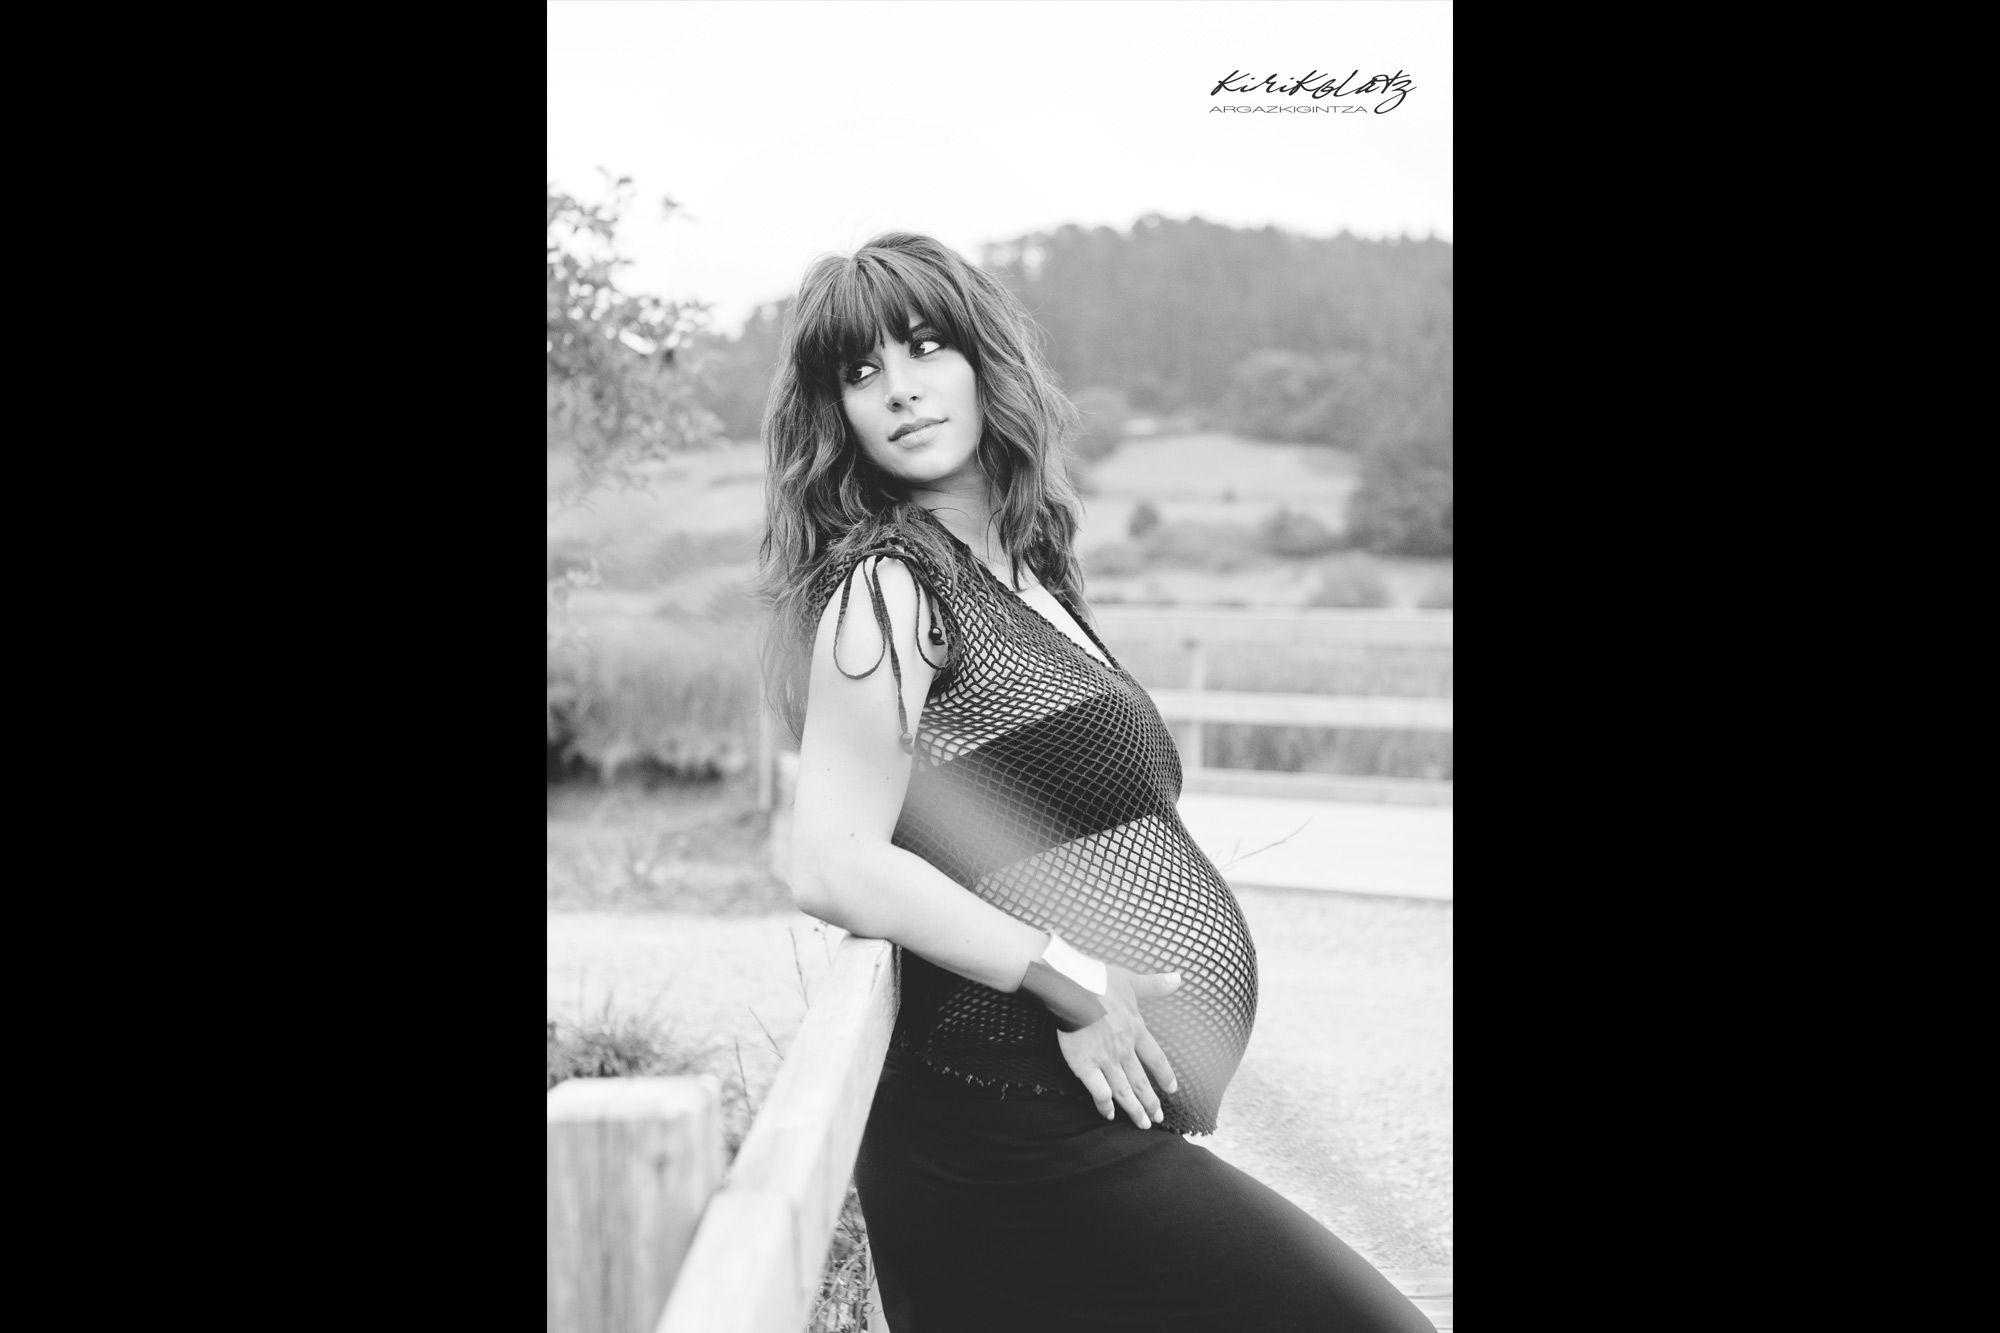 Fotografa Embarazadas Bermeo Kirikolatz